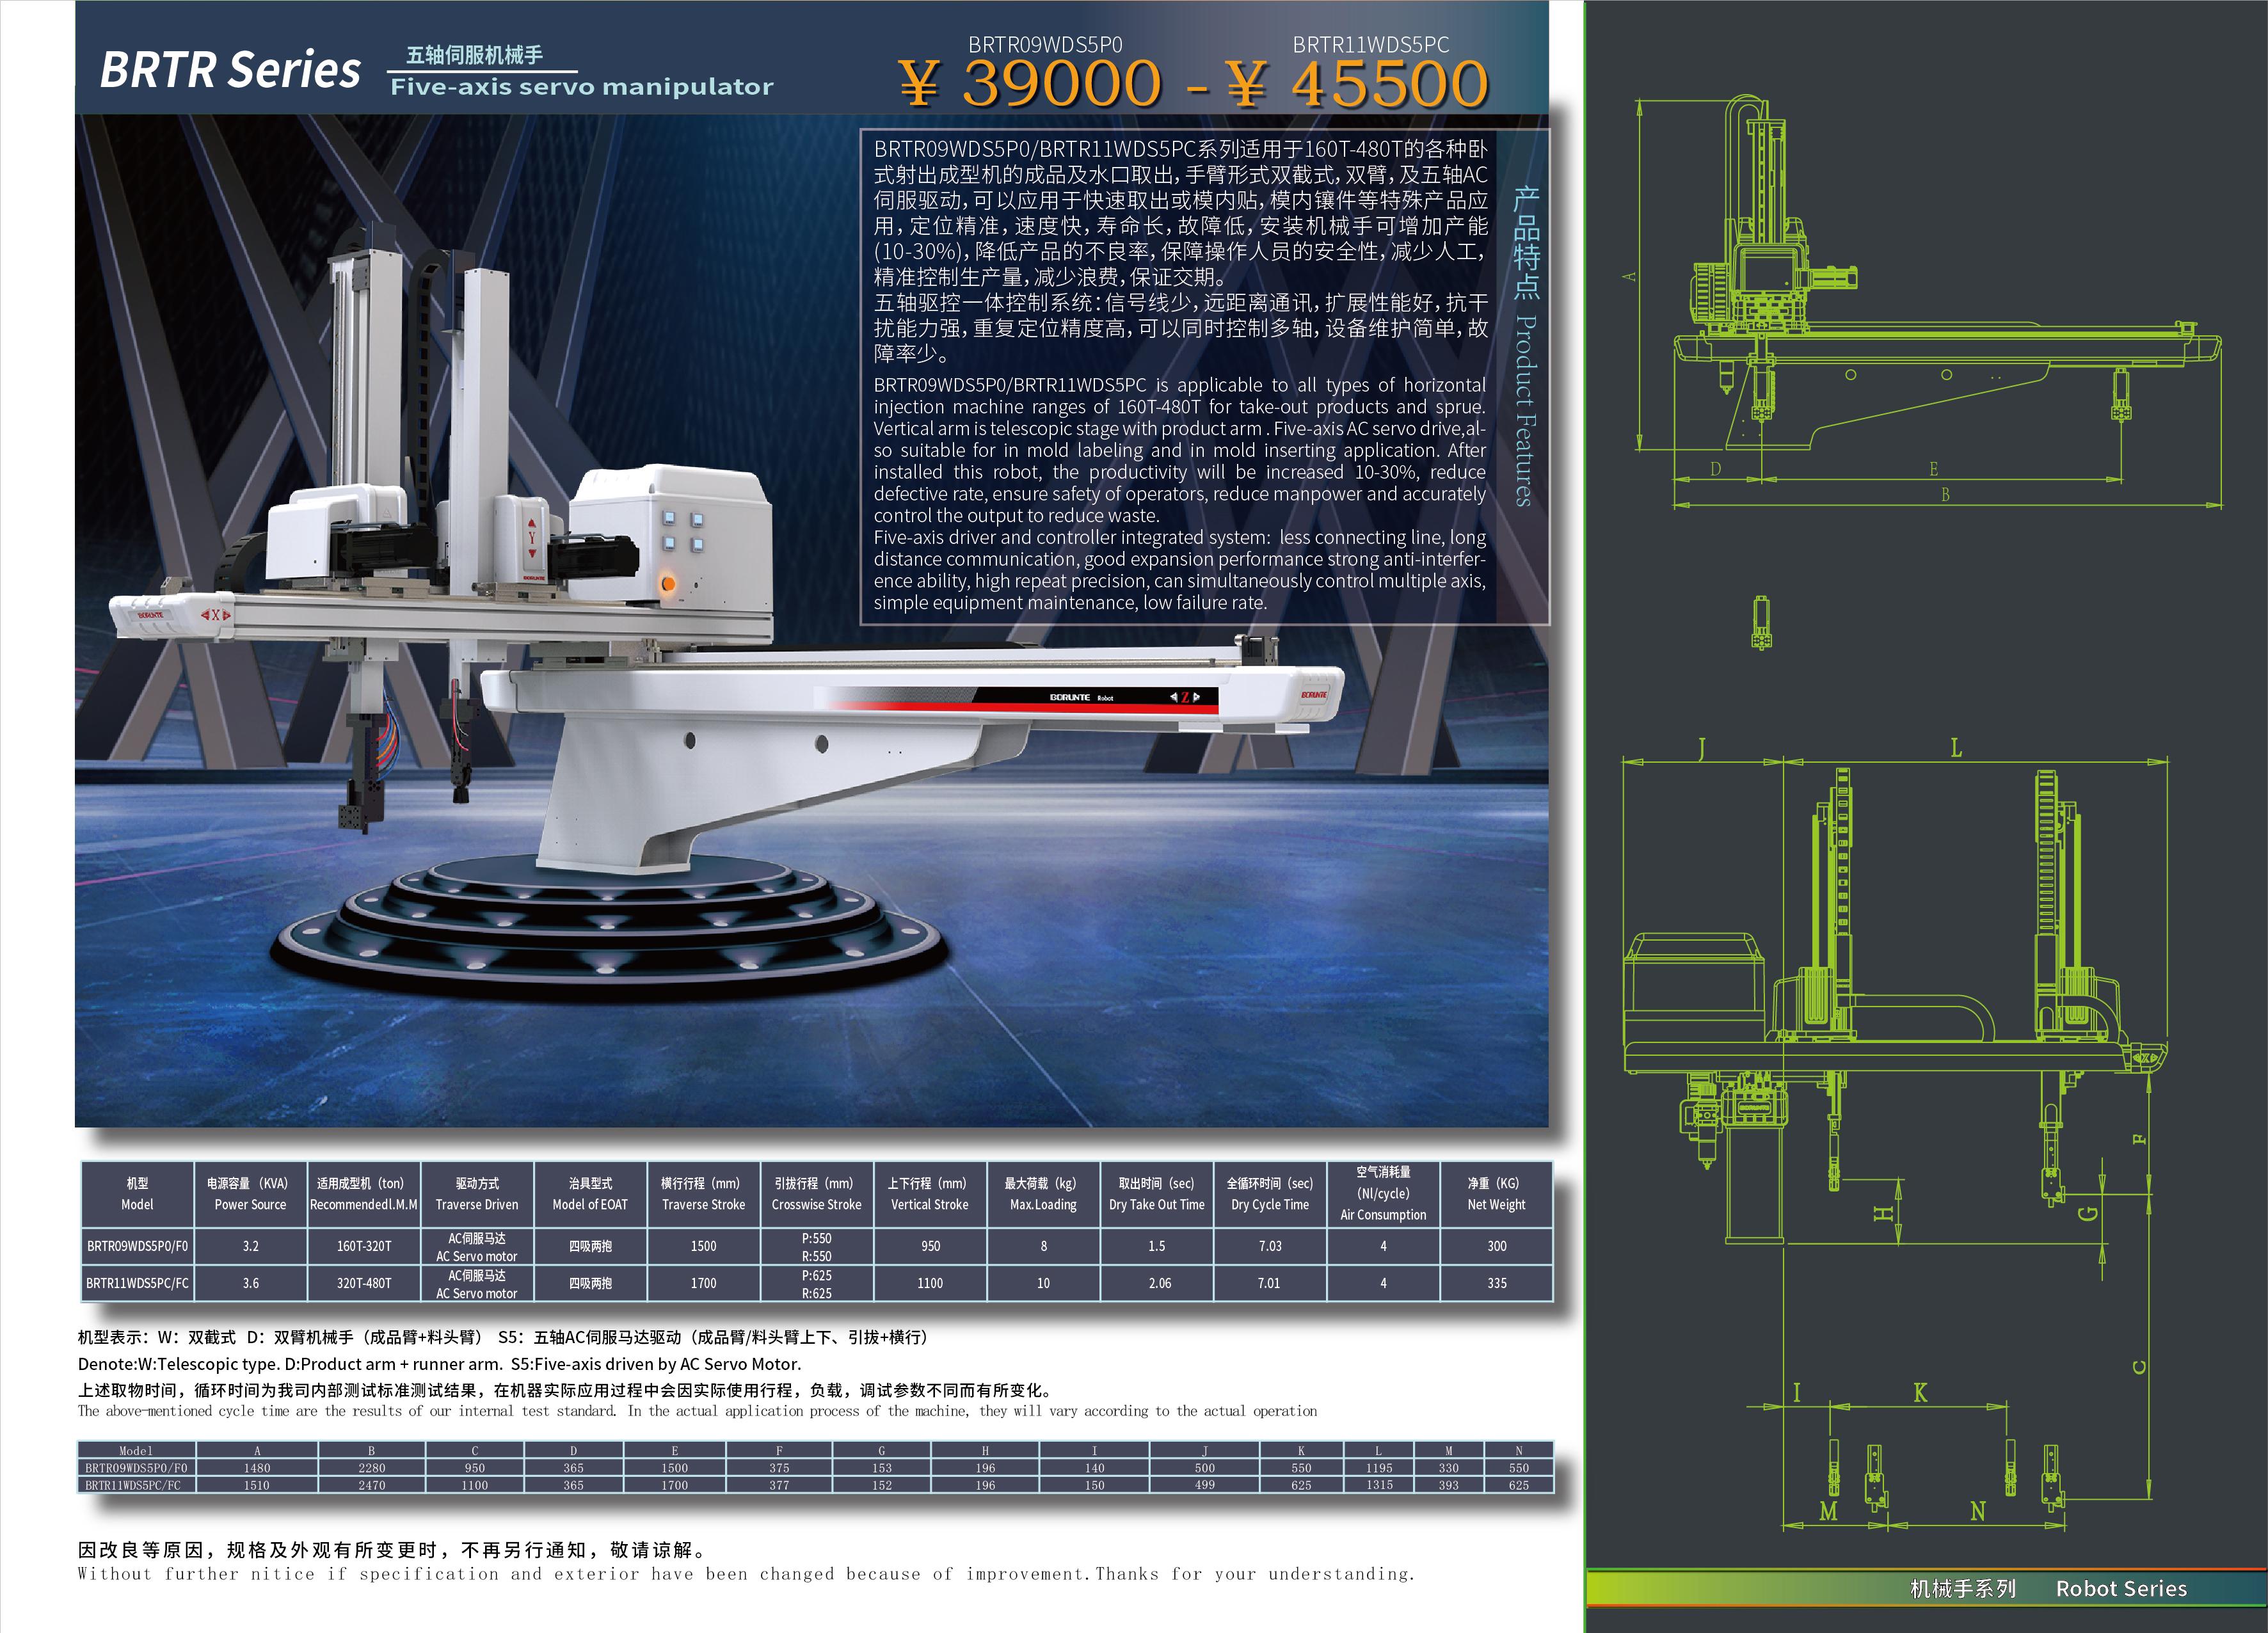 五軸伺服機械手BRTR09WDS5P0.jpg